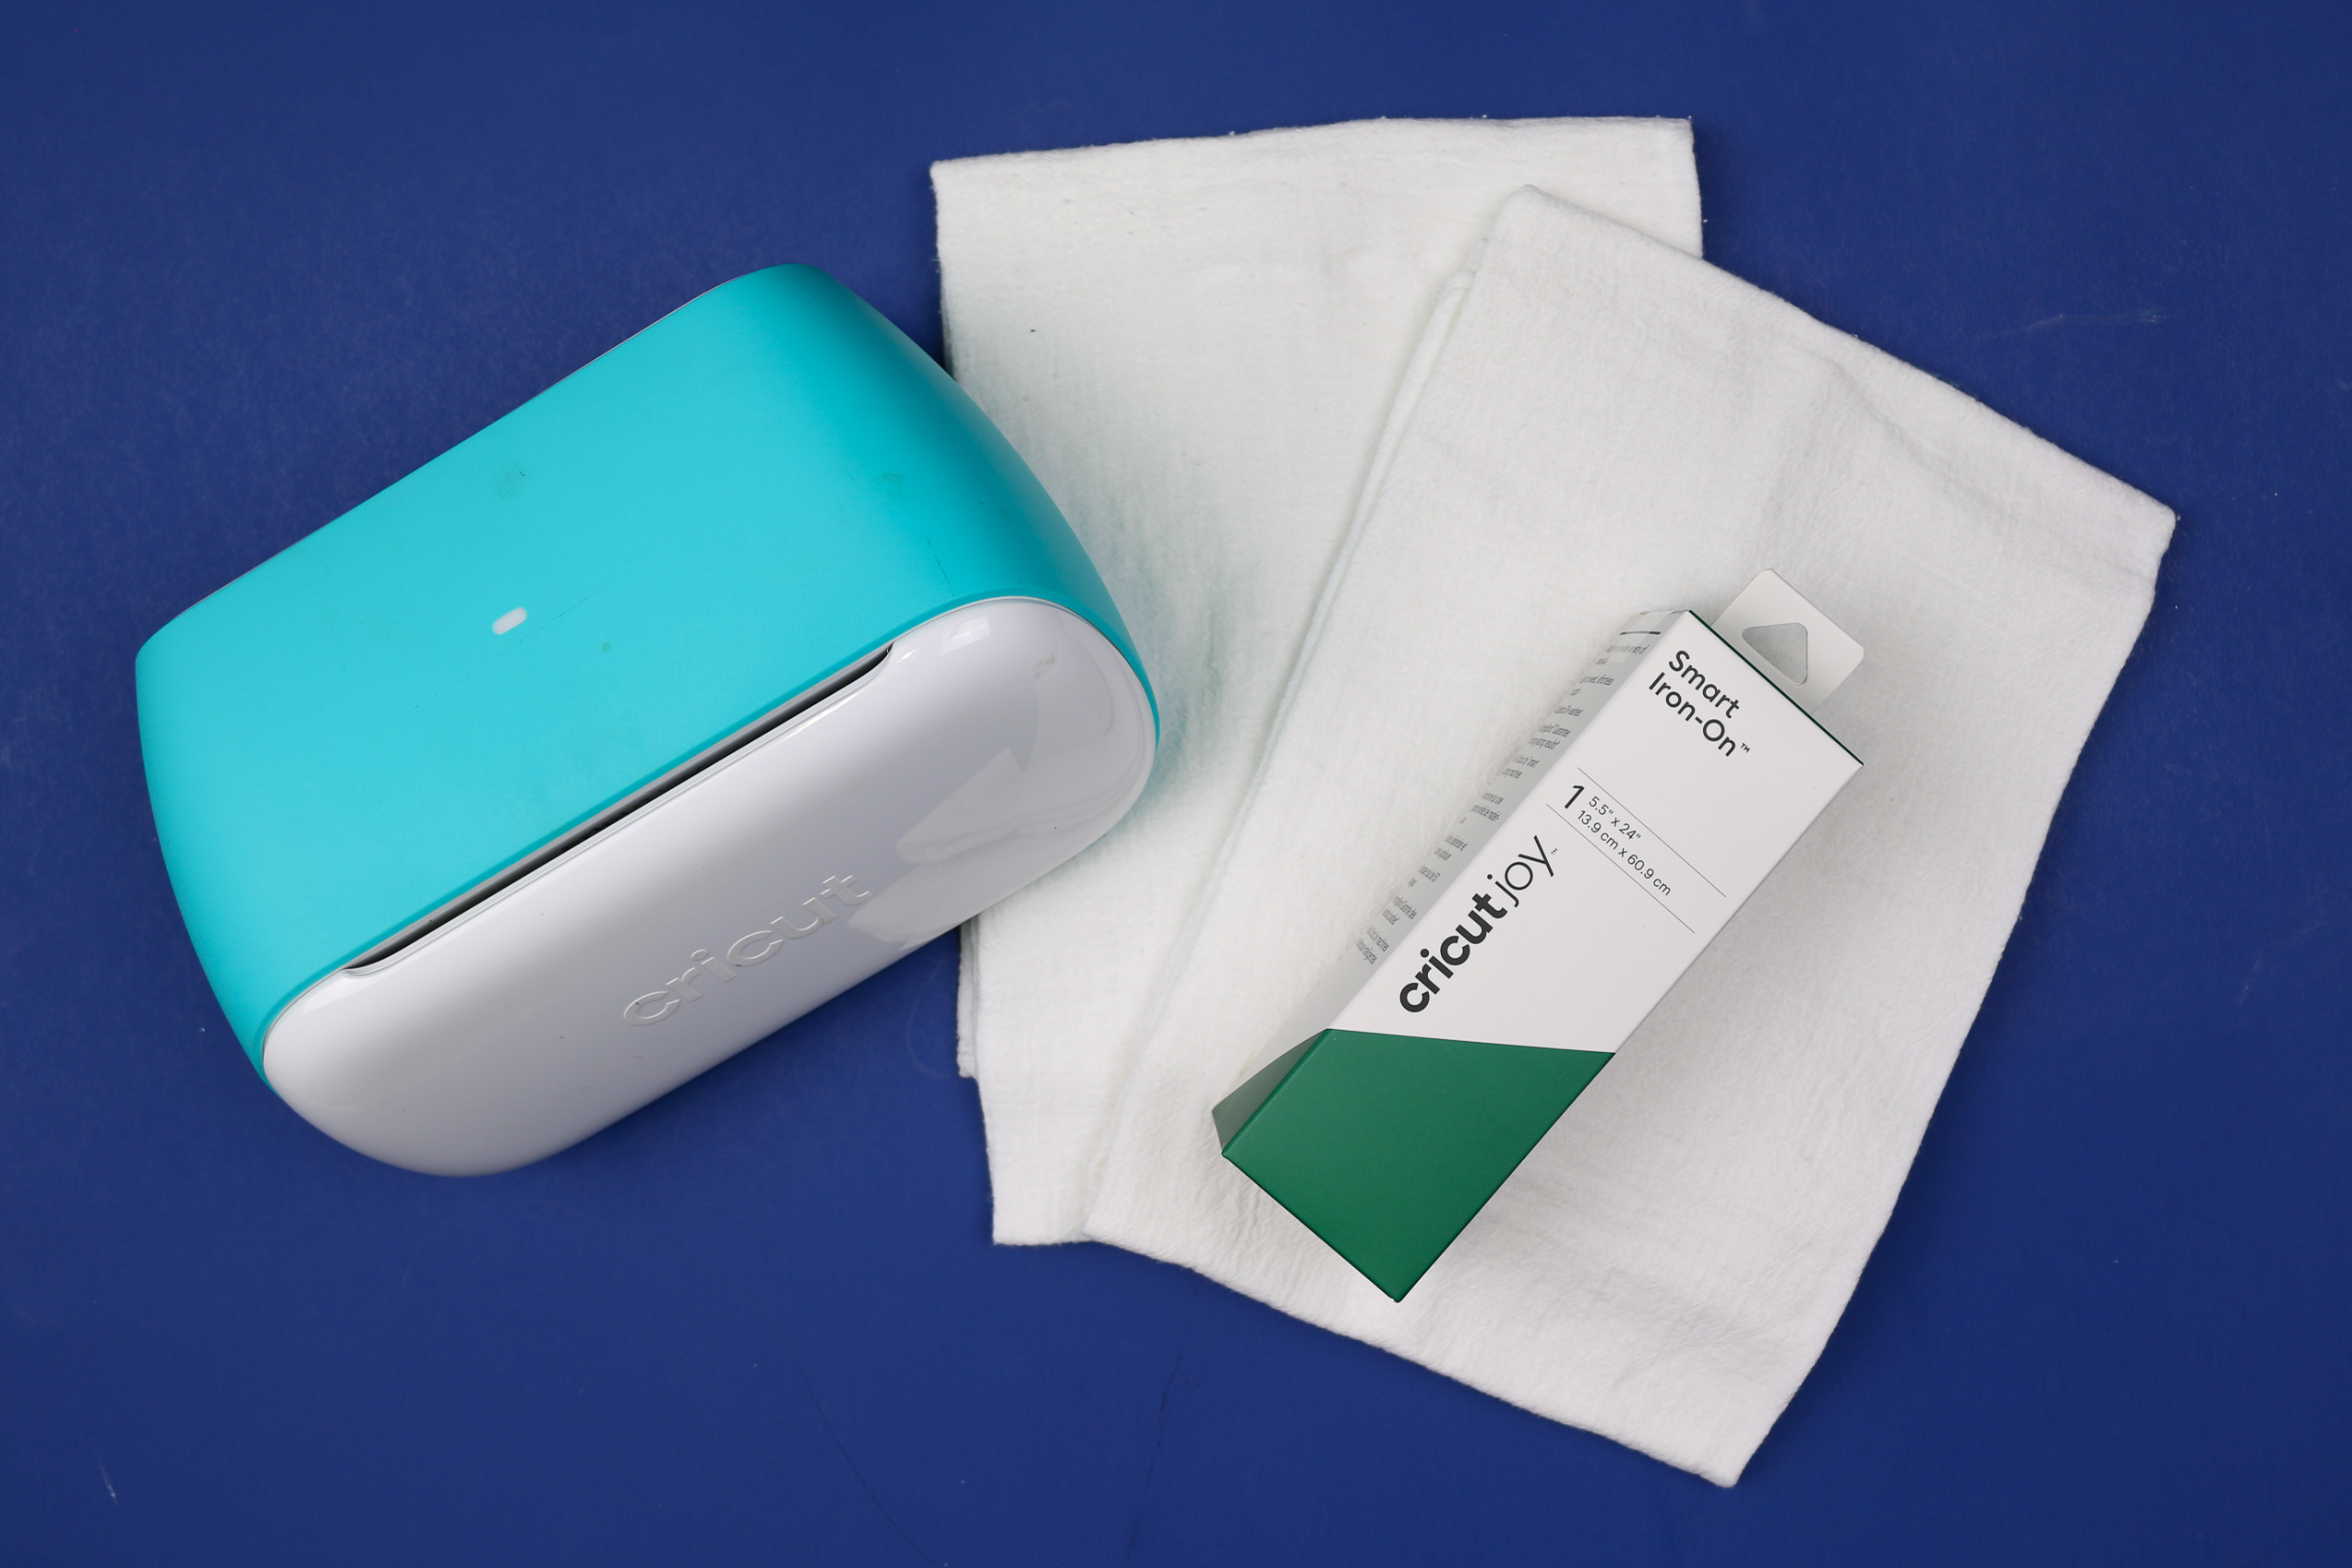 Cricut Joy, tea towels, and green smart vinyl